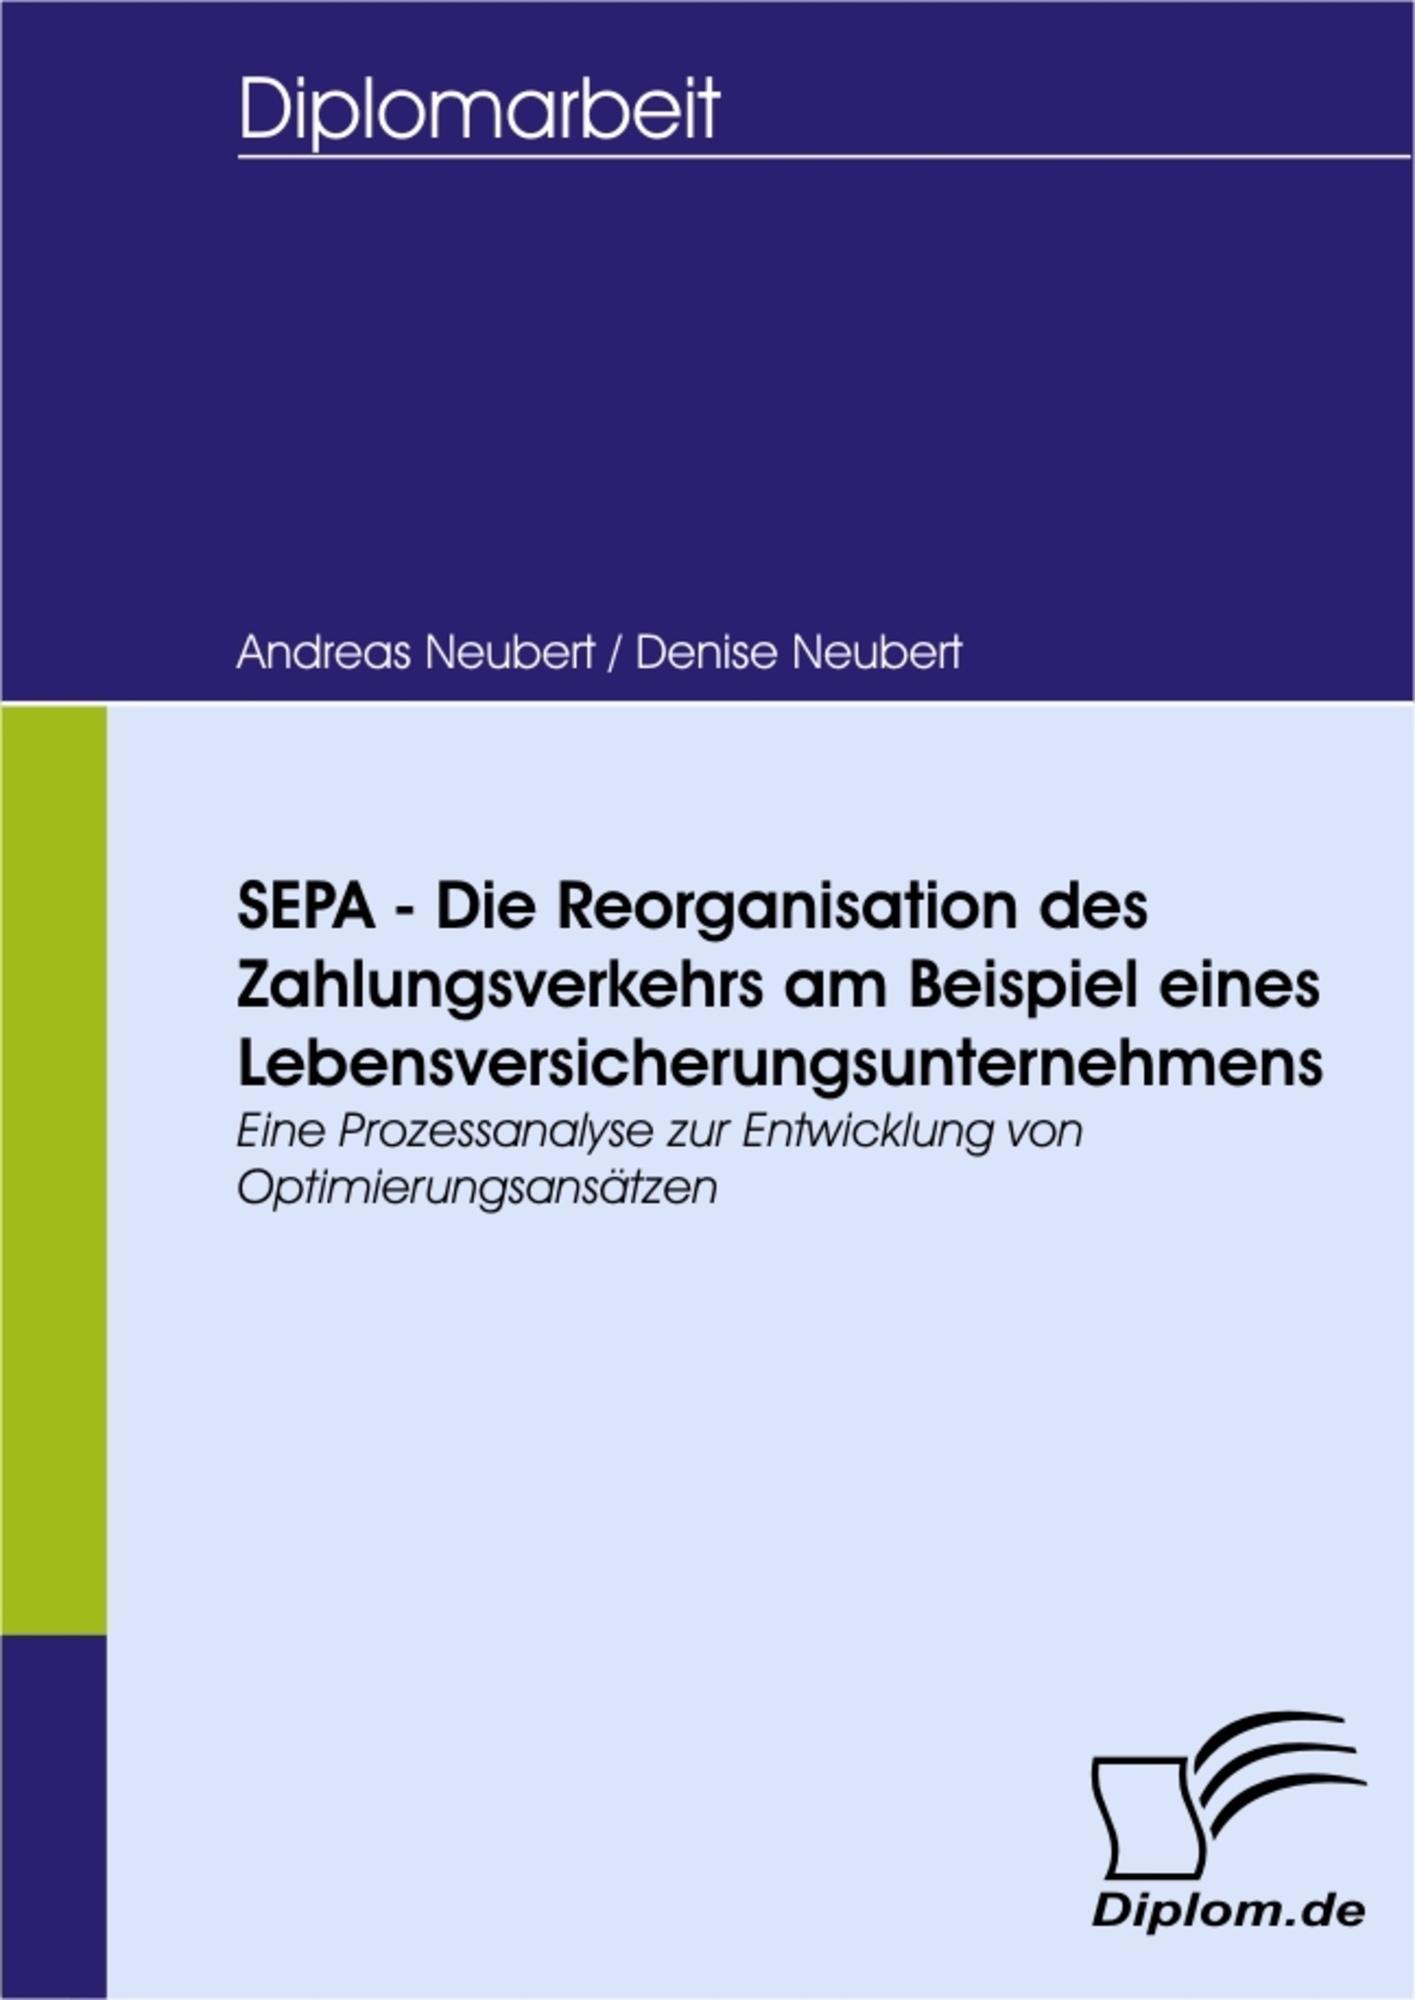 Charmant Lcb Optimaler Lebenslauf Galerie - Beispielzusammenfassung ...